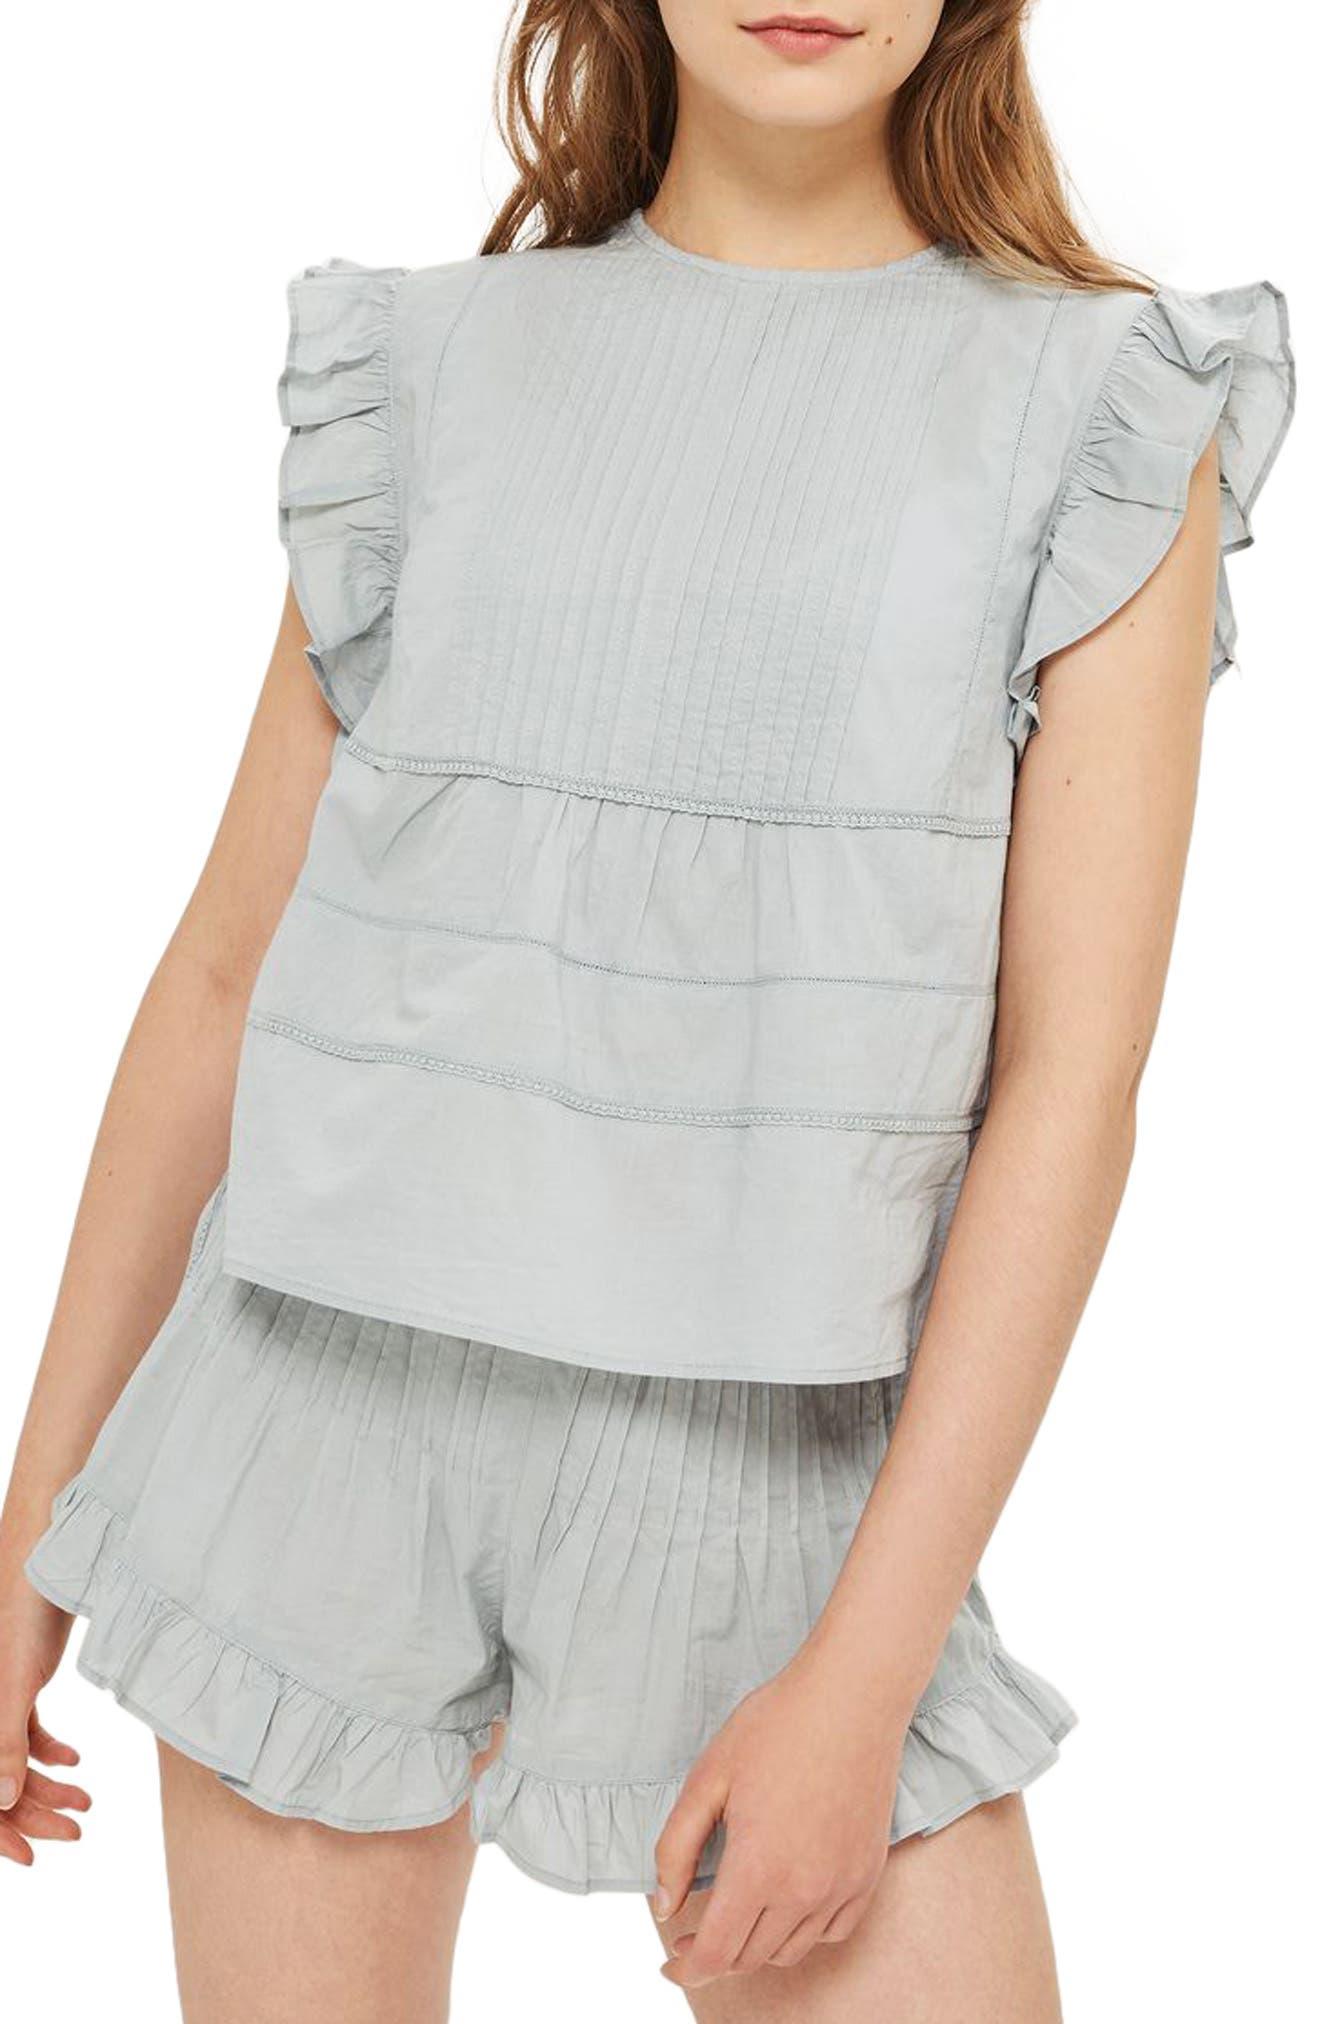 Bella Frilly Pajamas,                             Main thumbnail 1, color,                             020